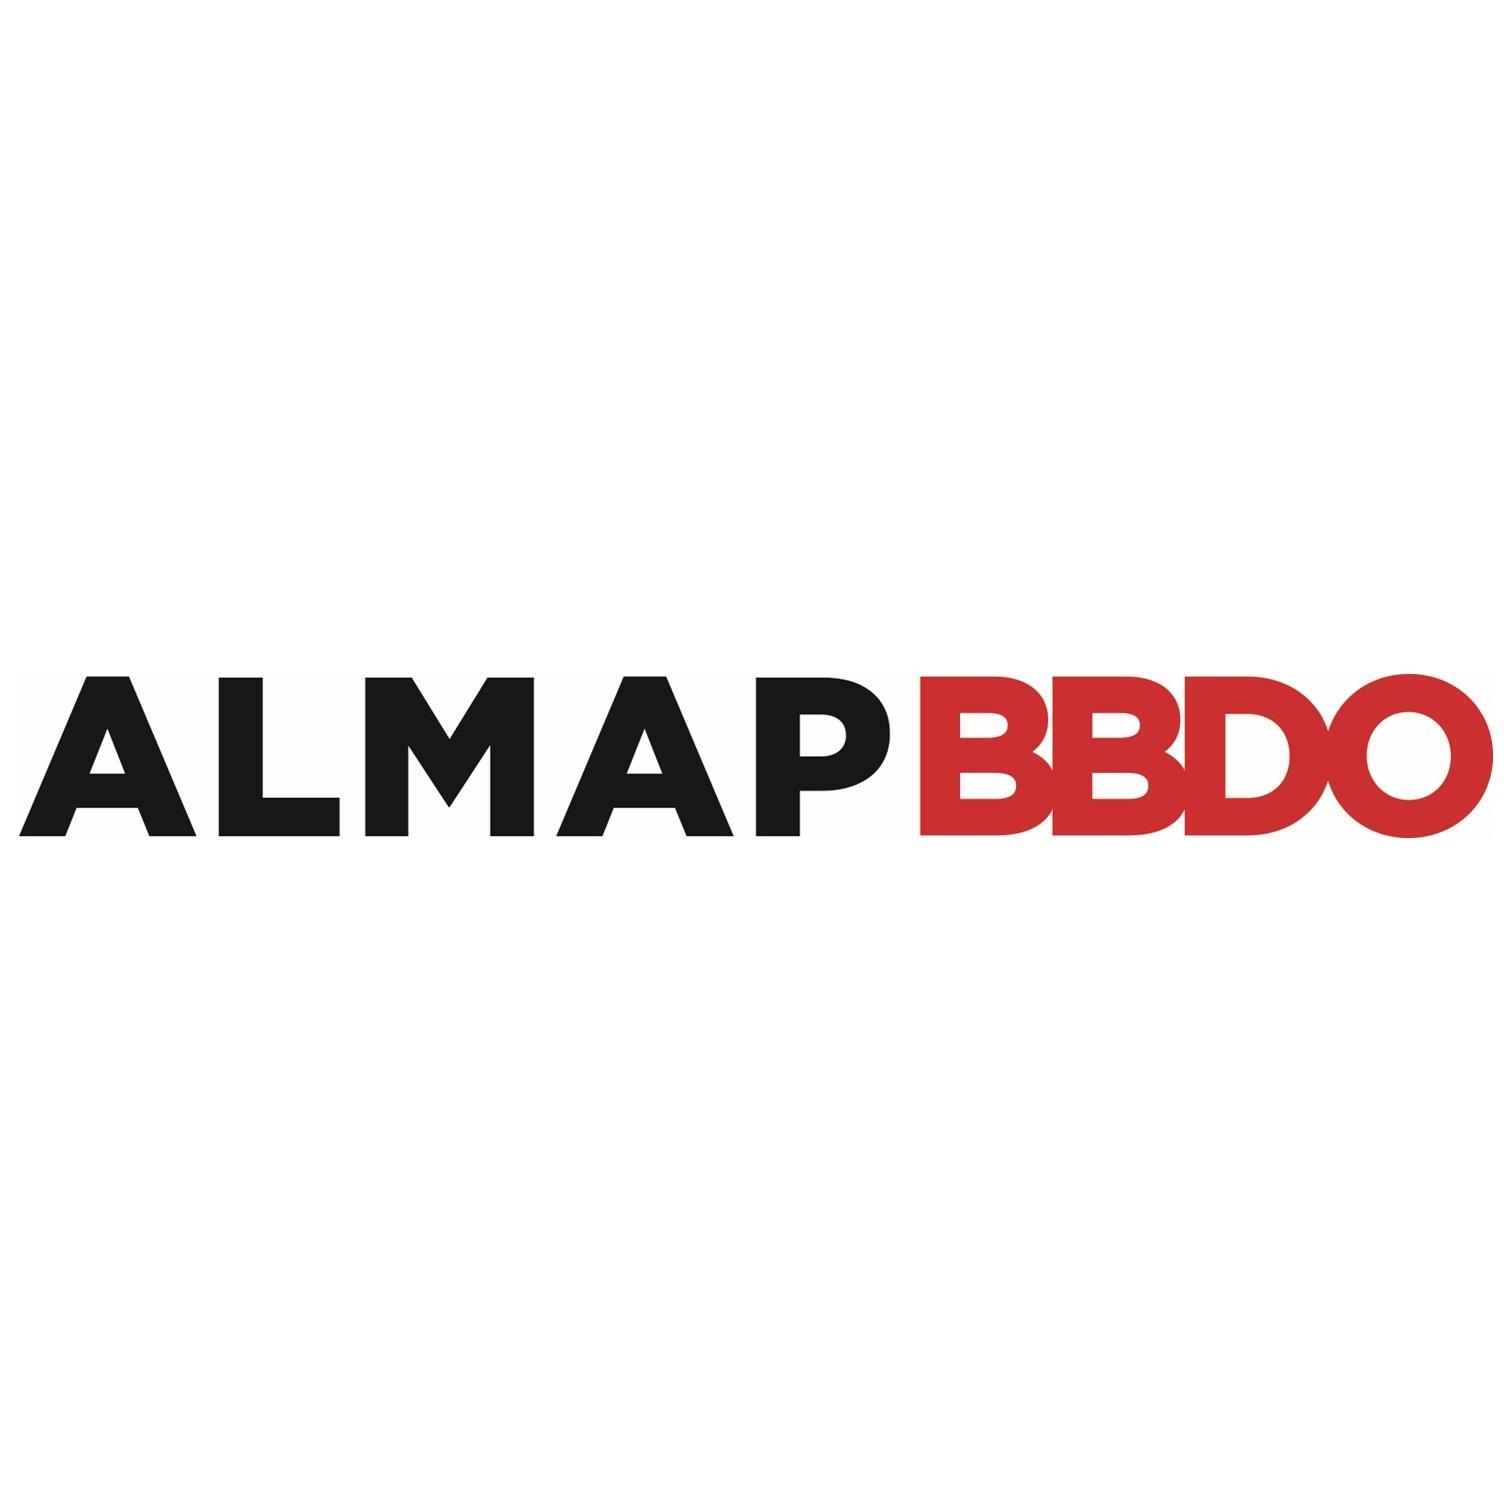 Almap BBDO